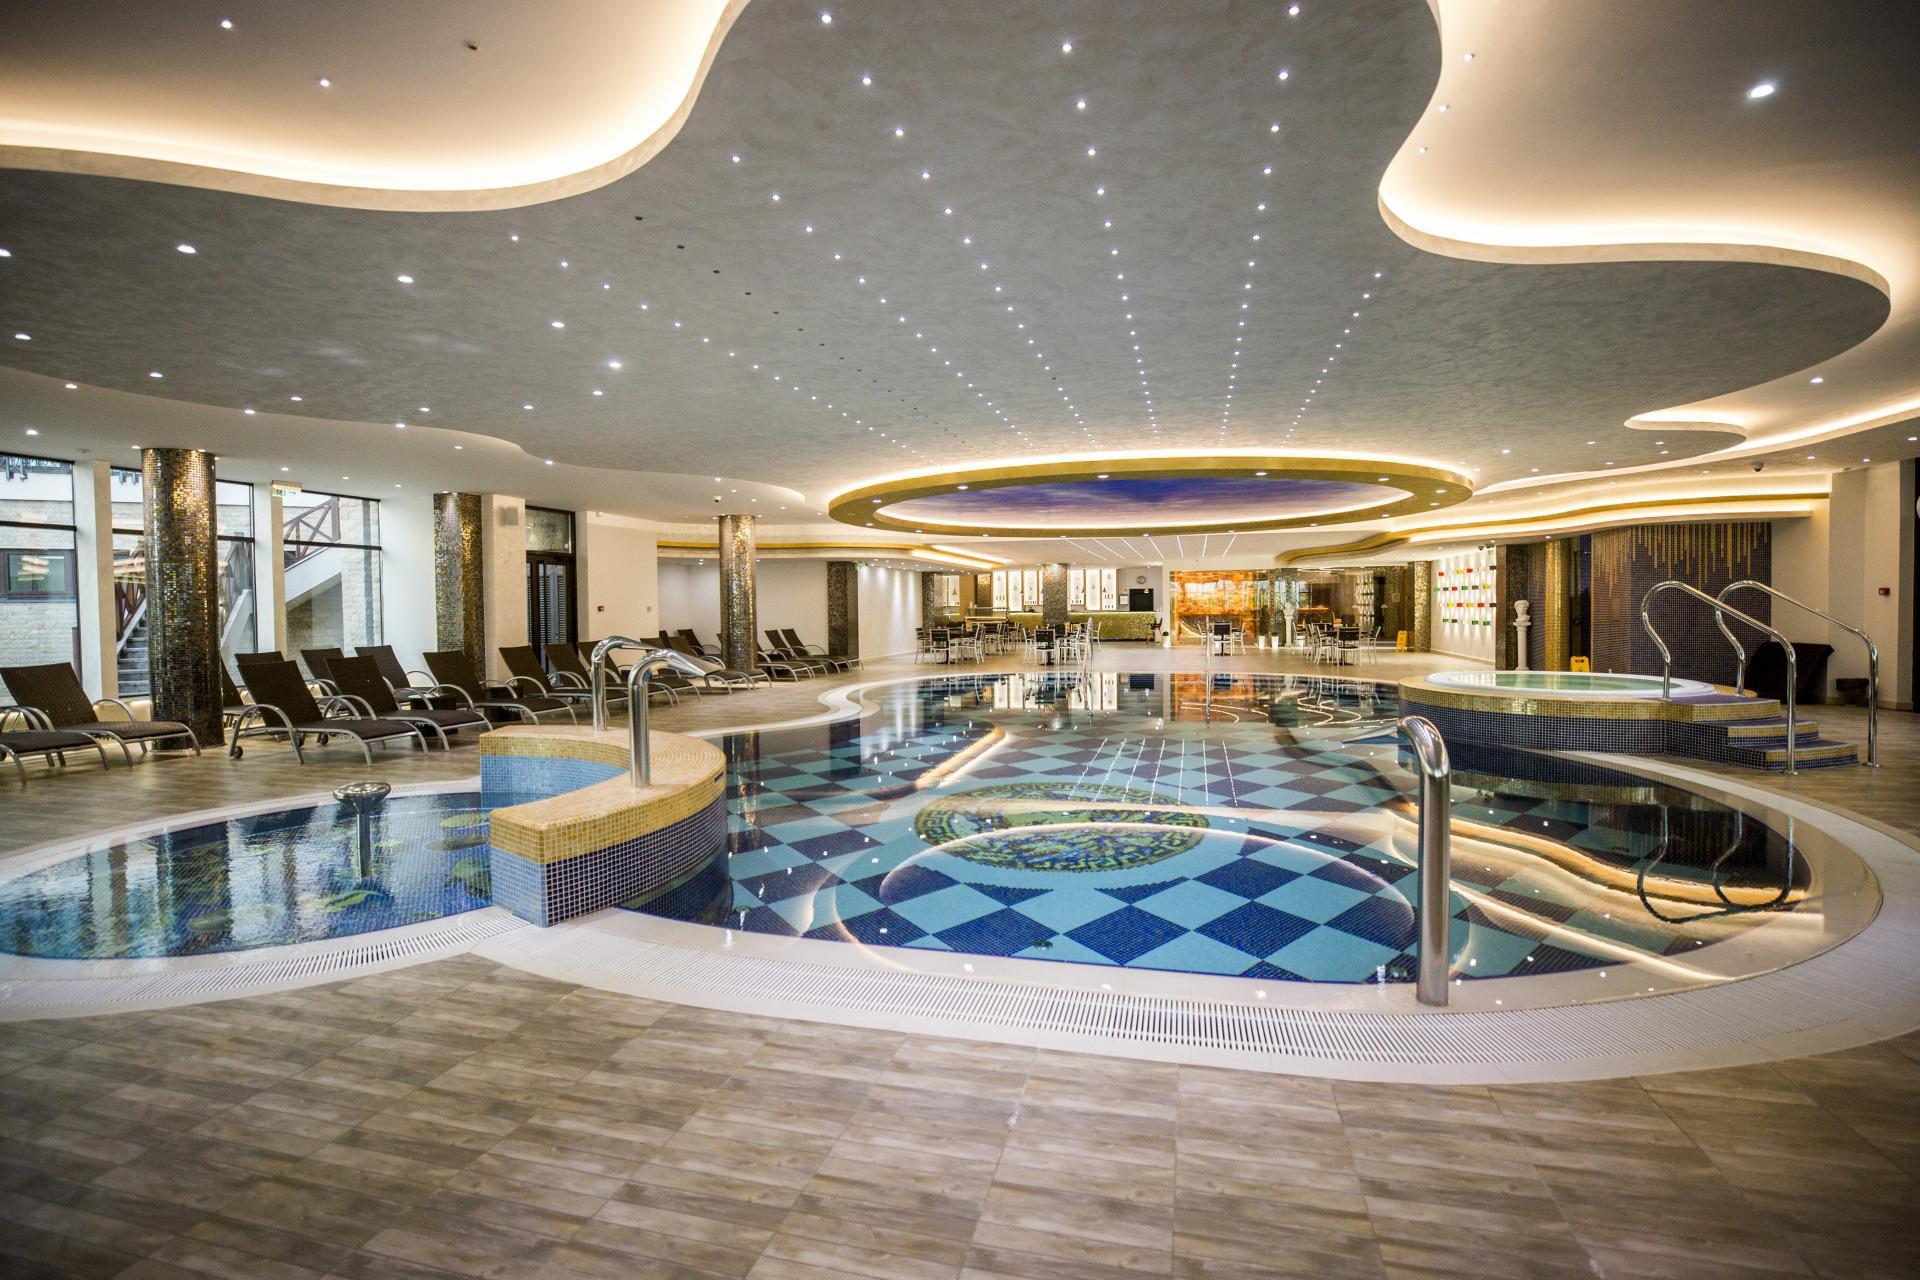 grand-hotel-tornik-spa-0053